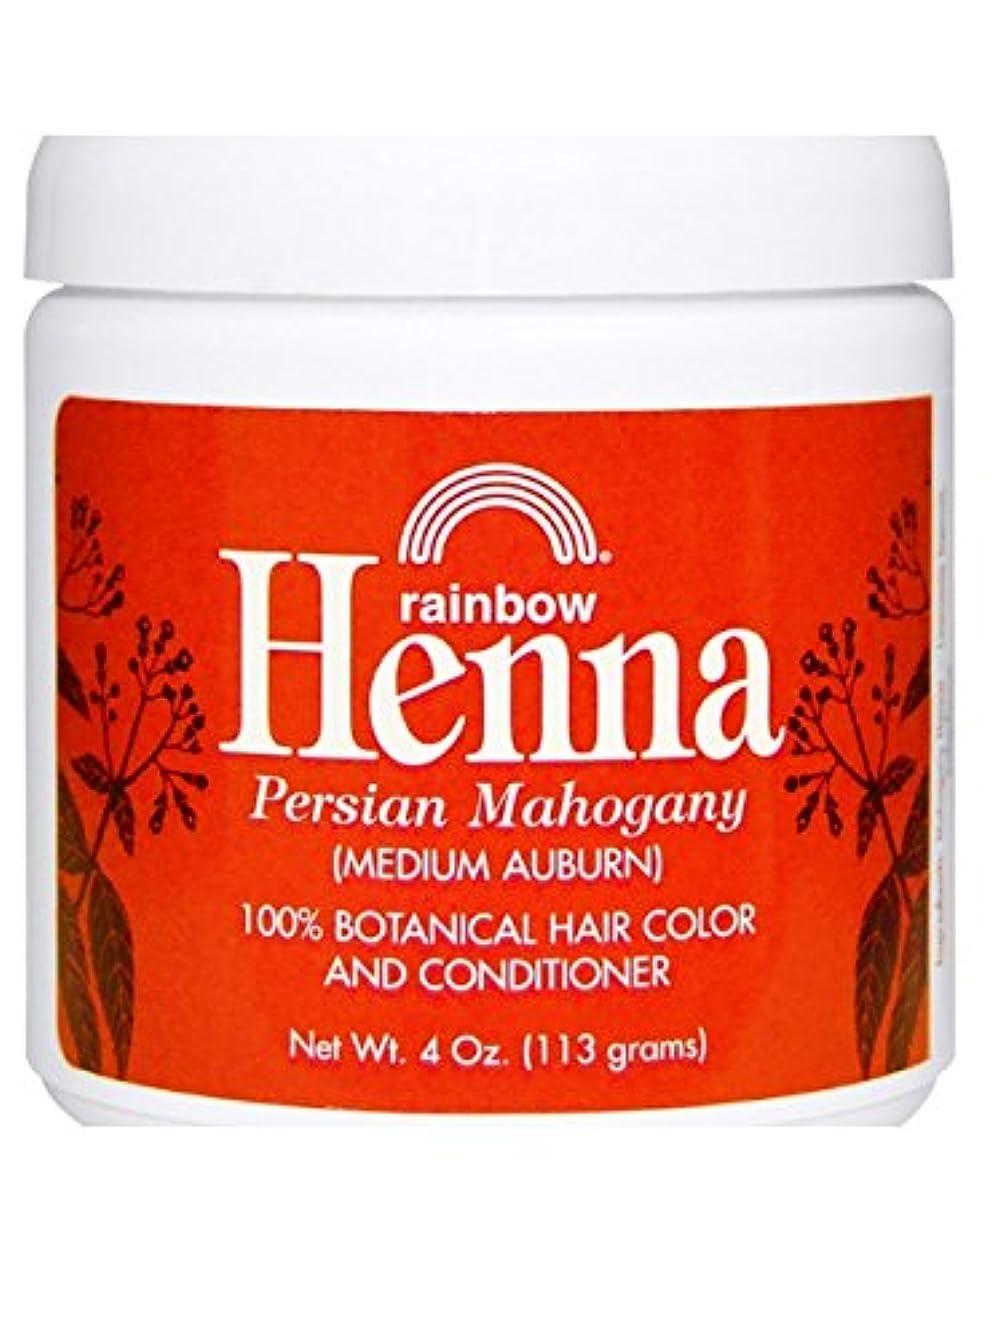 シリーズ平和も【海外直送品】 2個セット 100% オーガニック ヘナ/ヘンナ ミディアムアーバン 各113グラム 【2pk】 Rainbow Research, Henna Hair Color and Conditioner, Persian Mahogany, (Medium Auburn), 4 oz